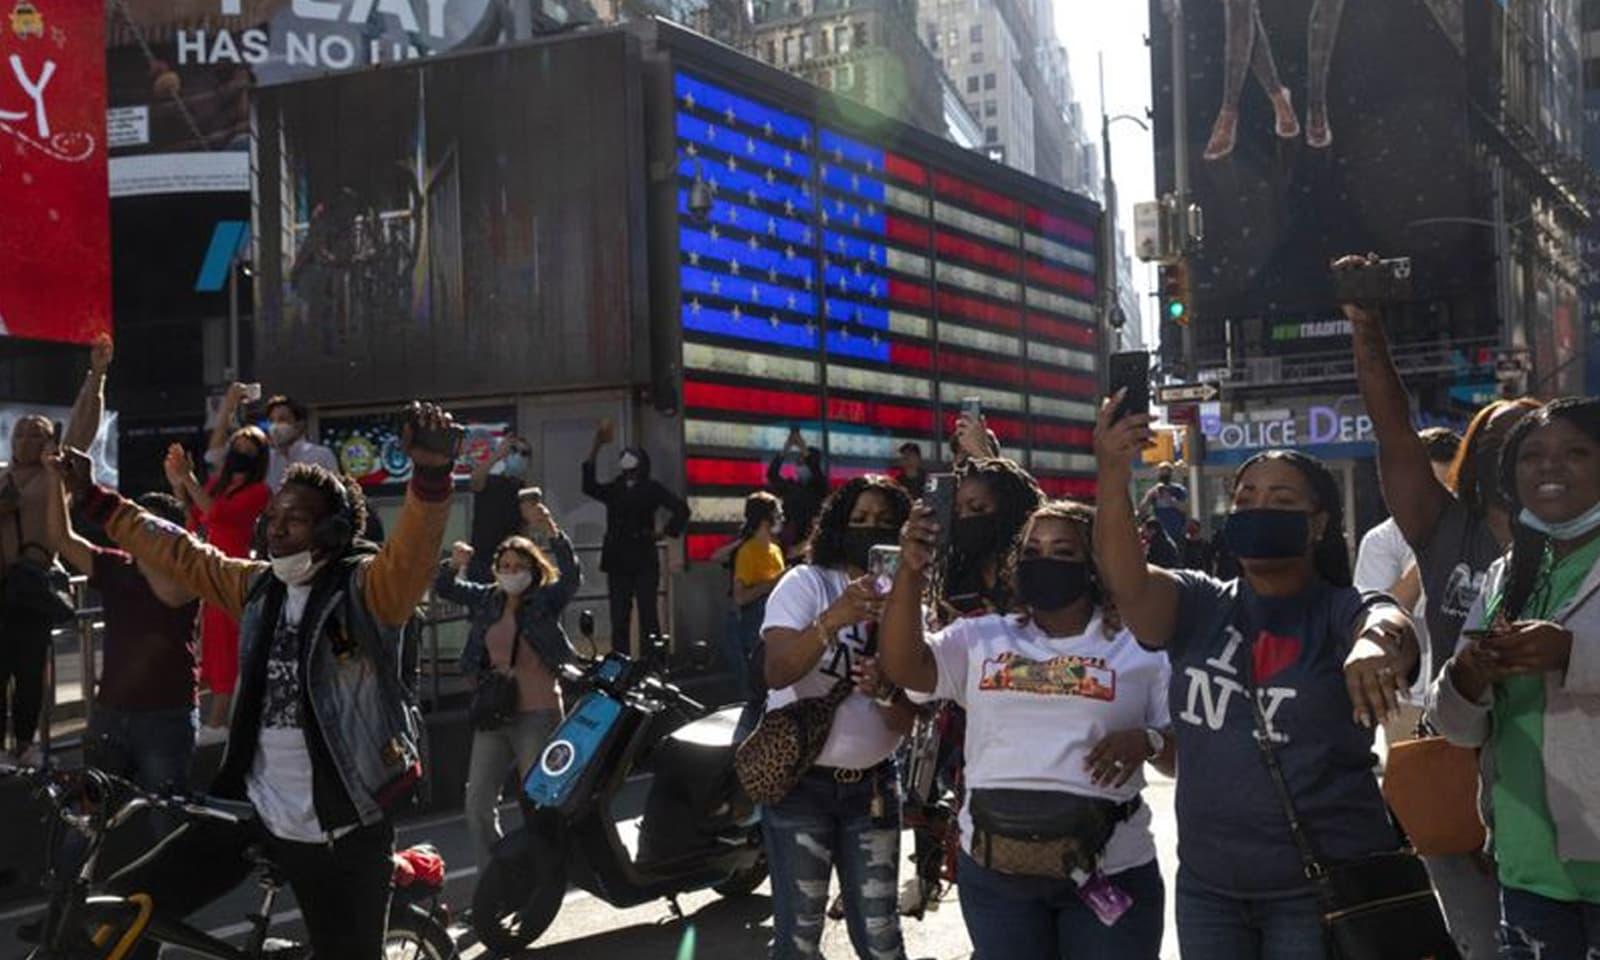 نیویارک میں جو بائیڈن کے انتخاب پر عوام کی ایک بڑی تعداد جشن مناتی دکھائی دی — فوٹو: نیویارک ٹائمز